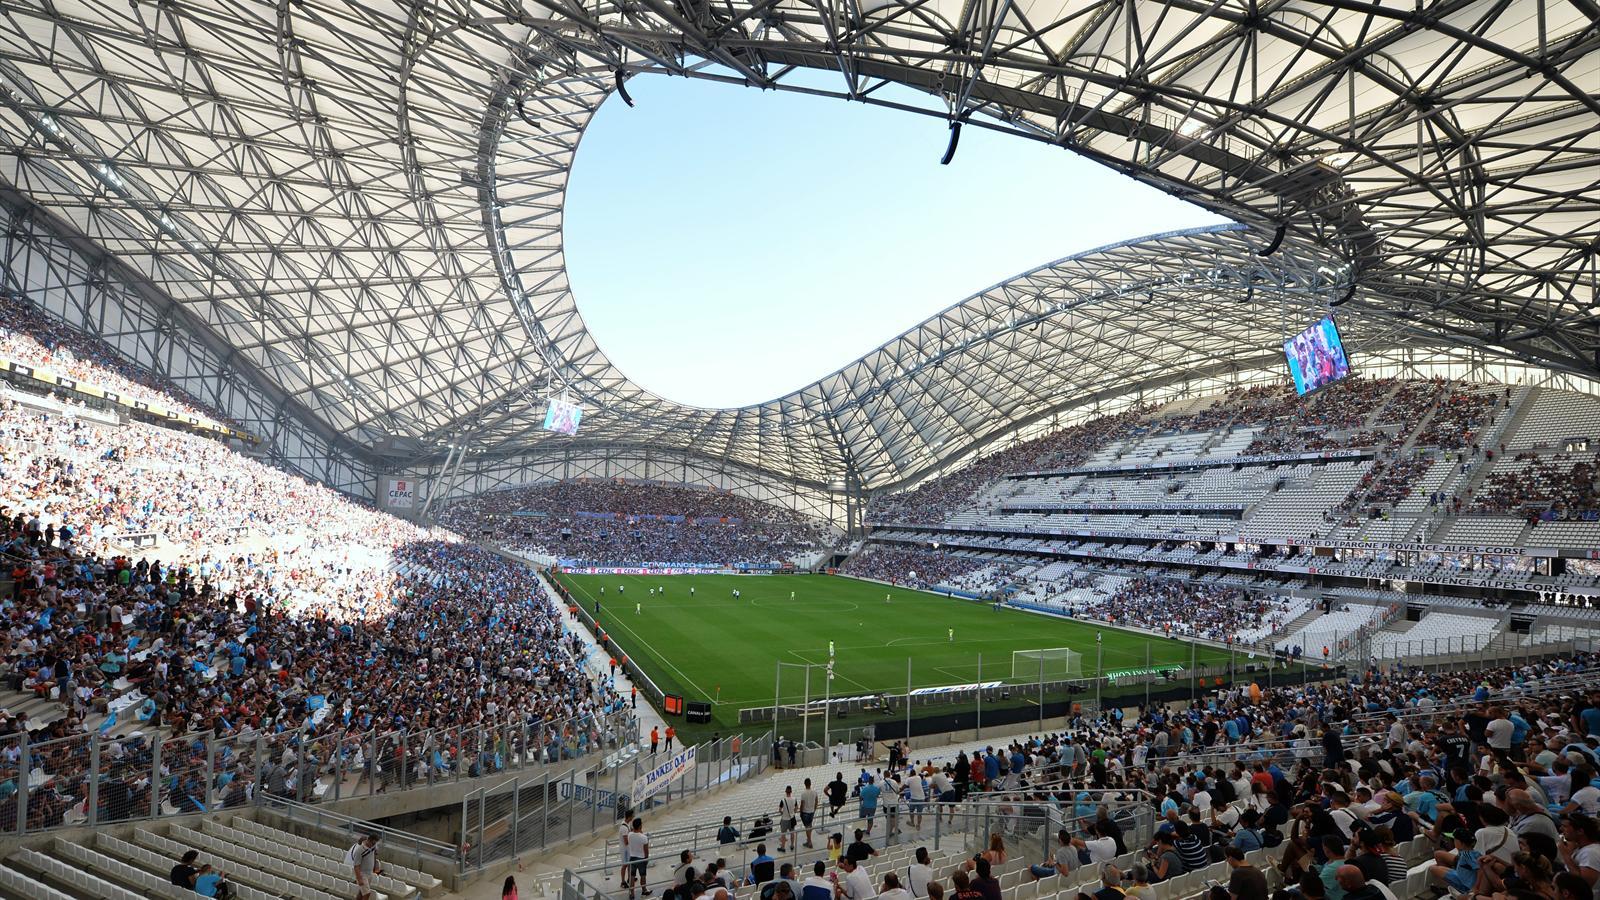 Gros défi en perspective dans une enceinte aussi grande pour garnir le stade !